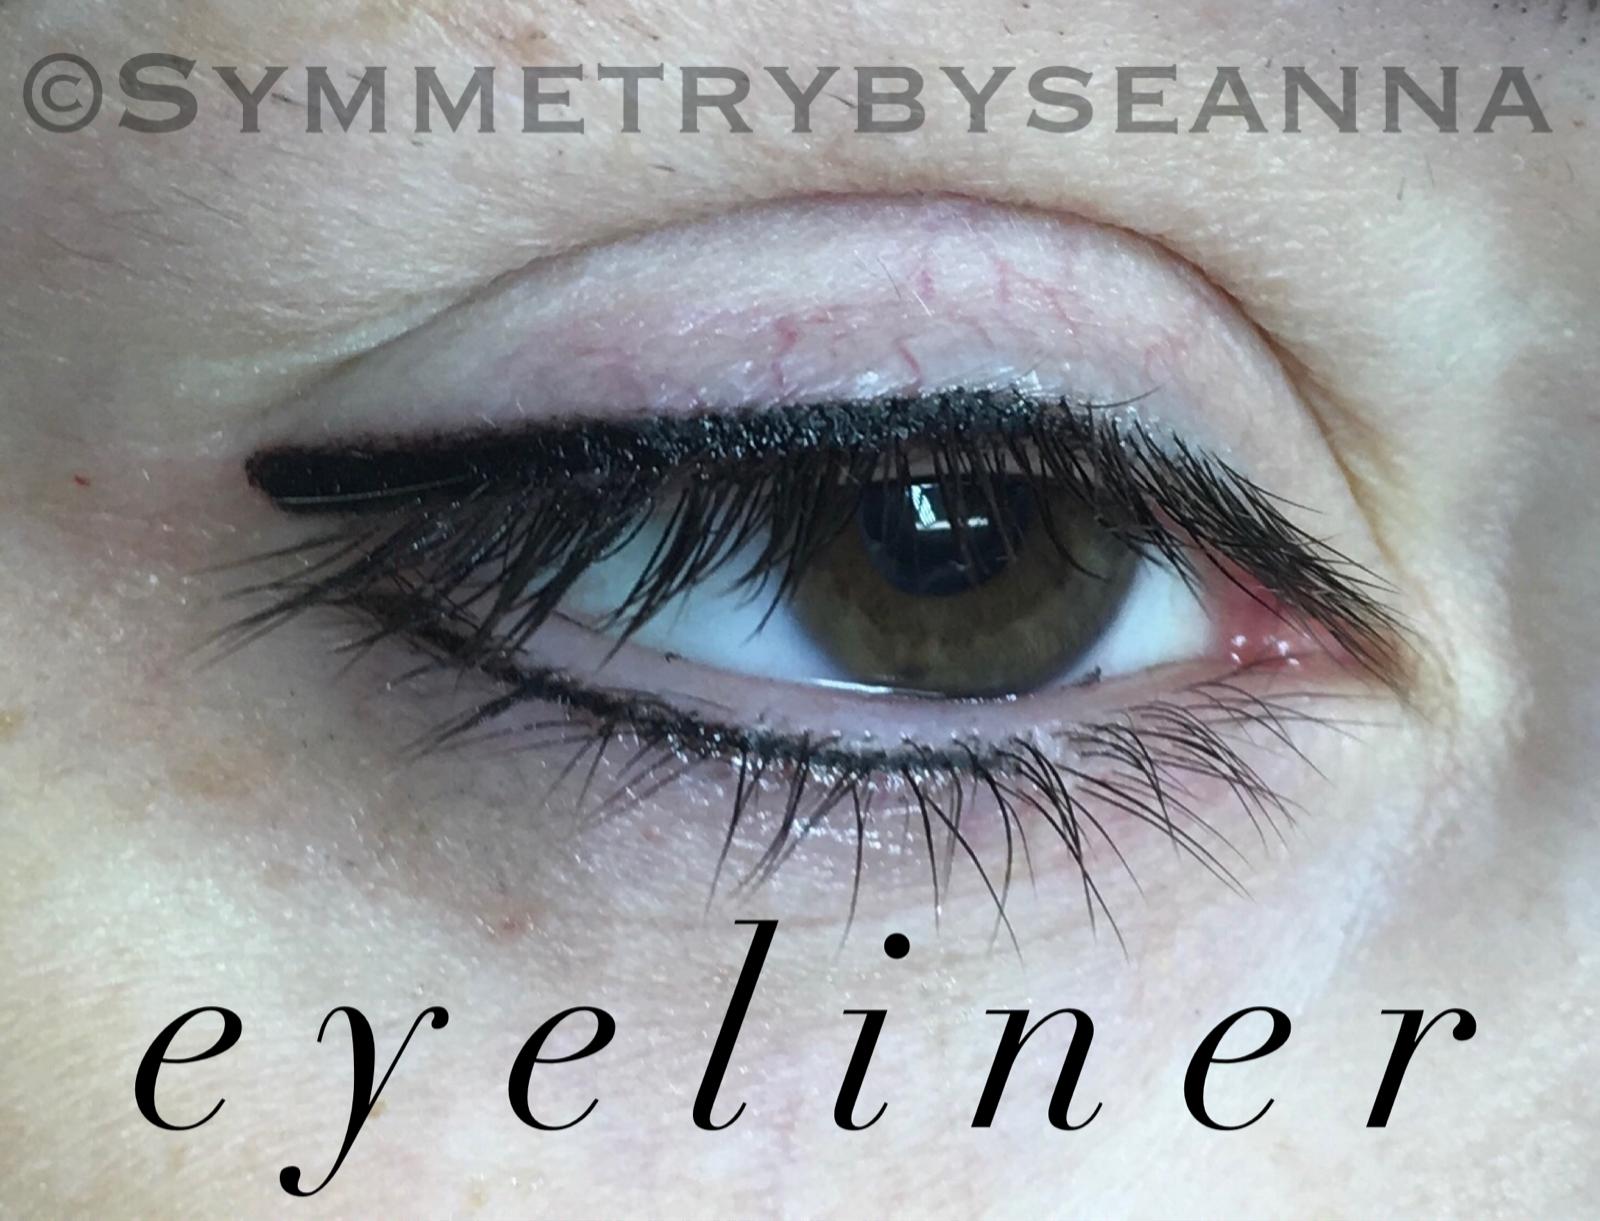 Eyeliner tattoo Eyeliner tattoo, Eyeliner, Permanent makeup